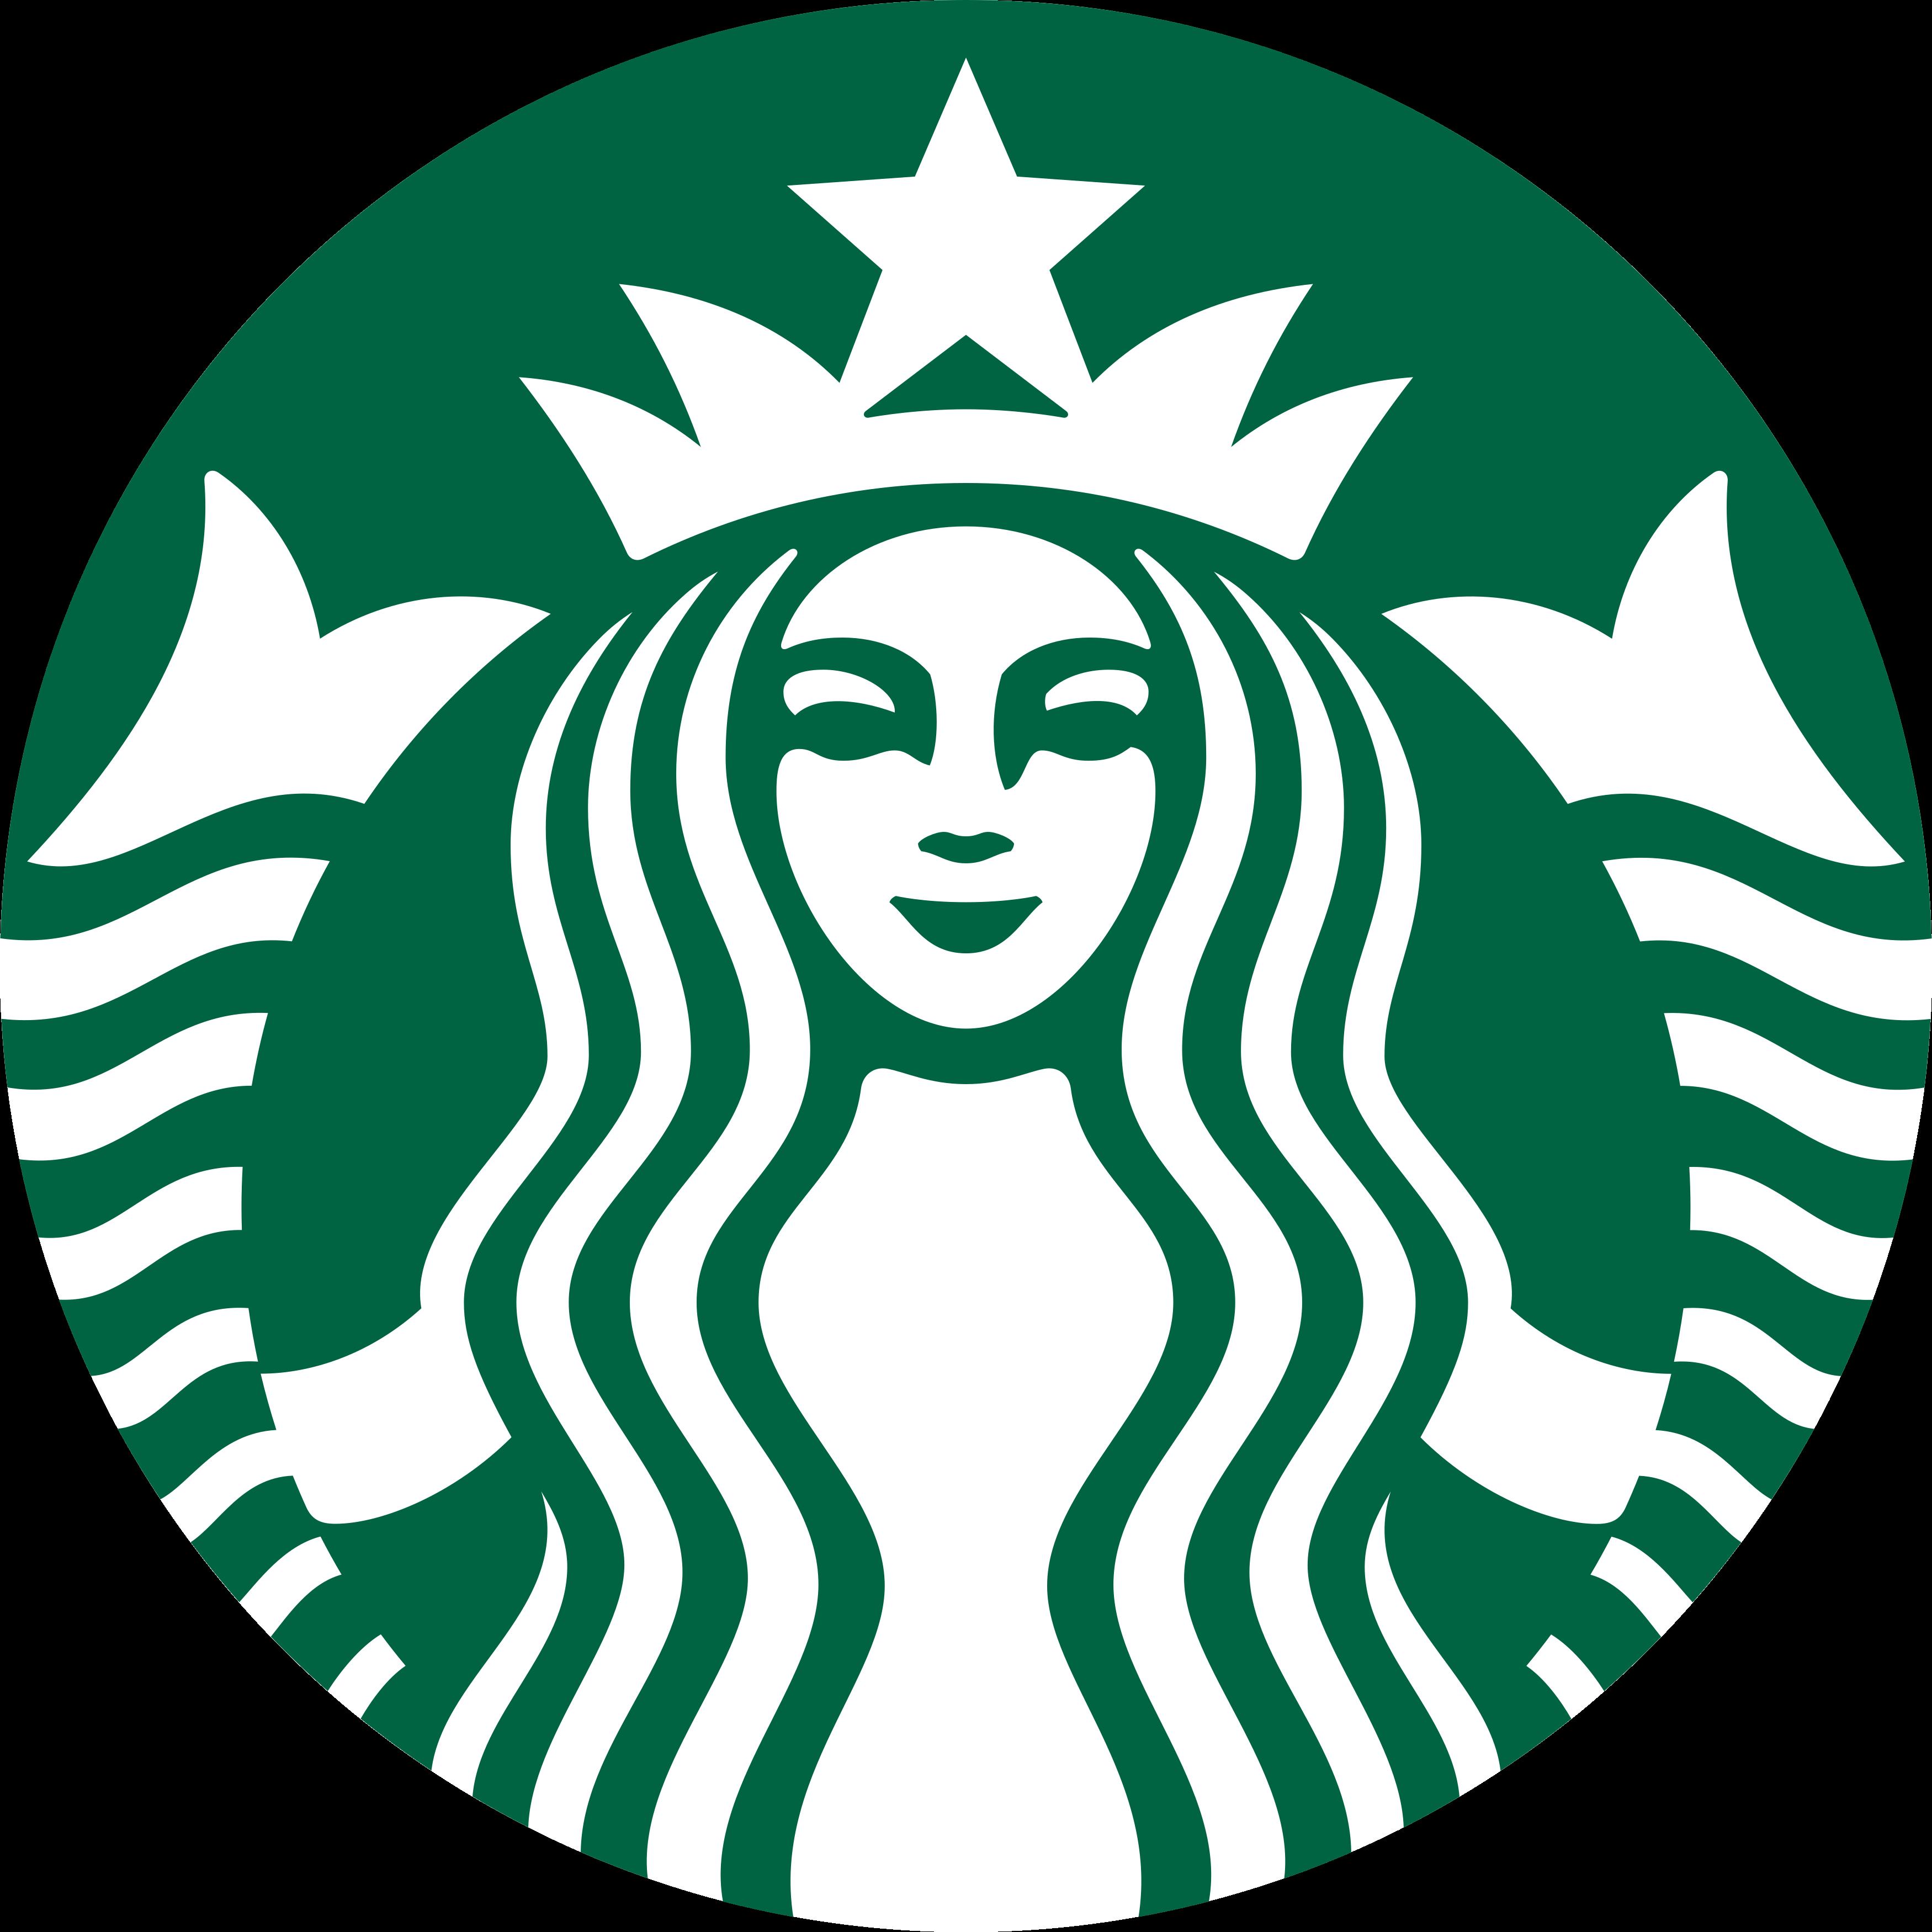 Starbucks logo - Starbucks Logo